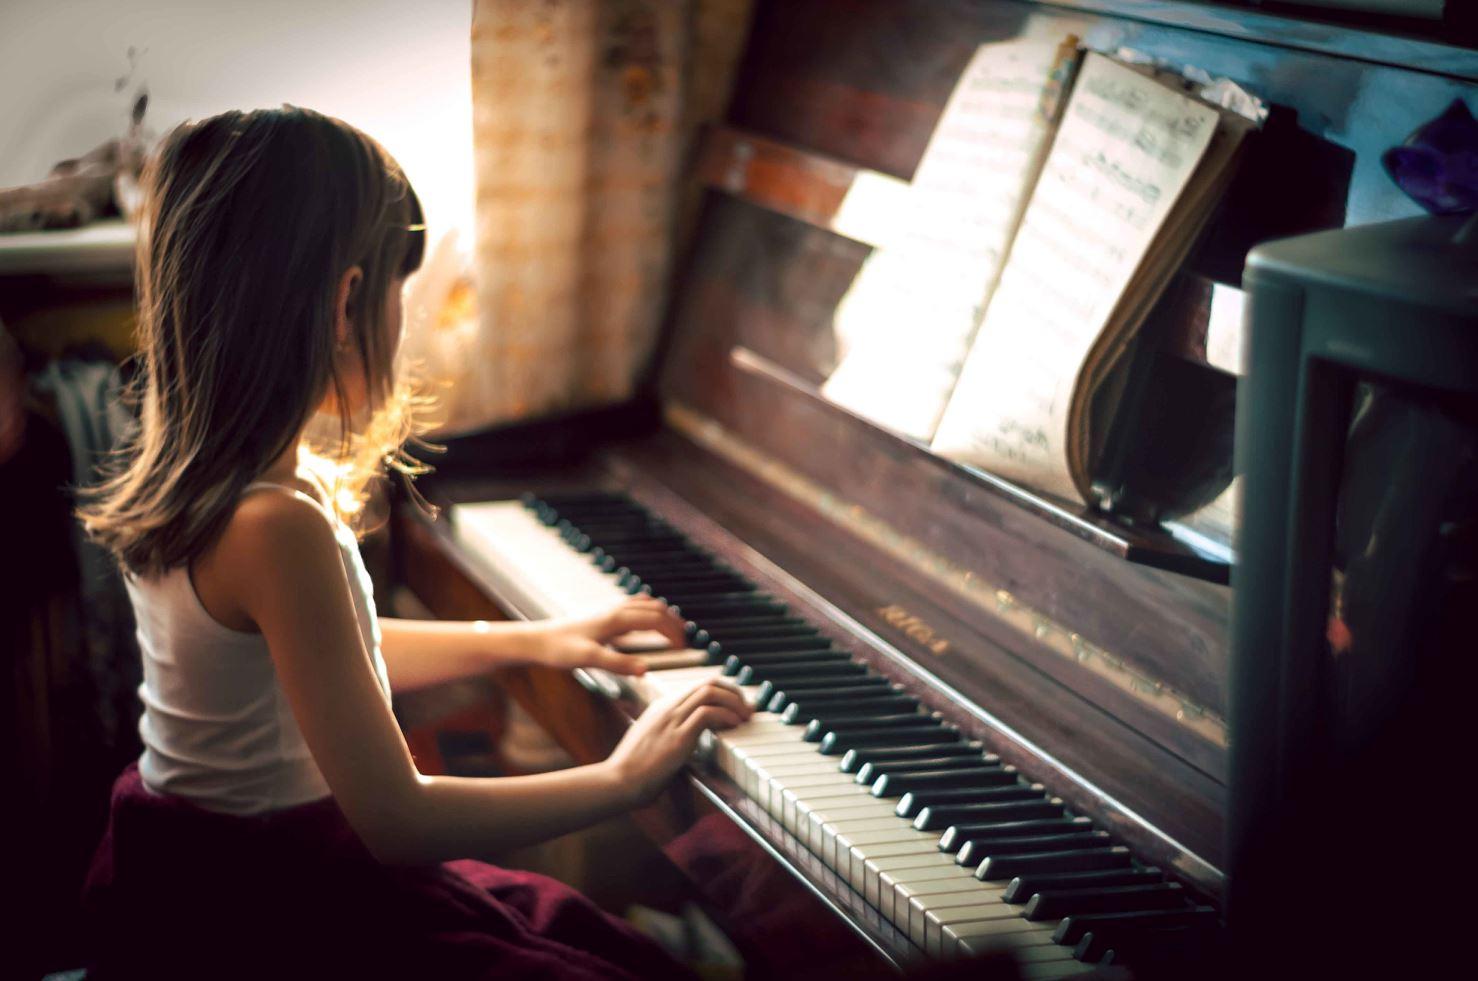 如何提升练琴的效率?一定要警惕这些浪费时间的练琴方式